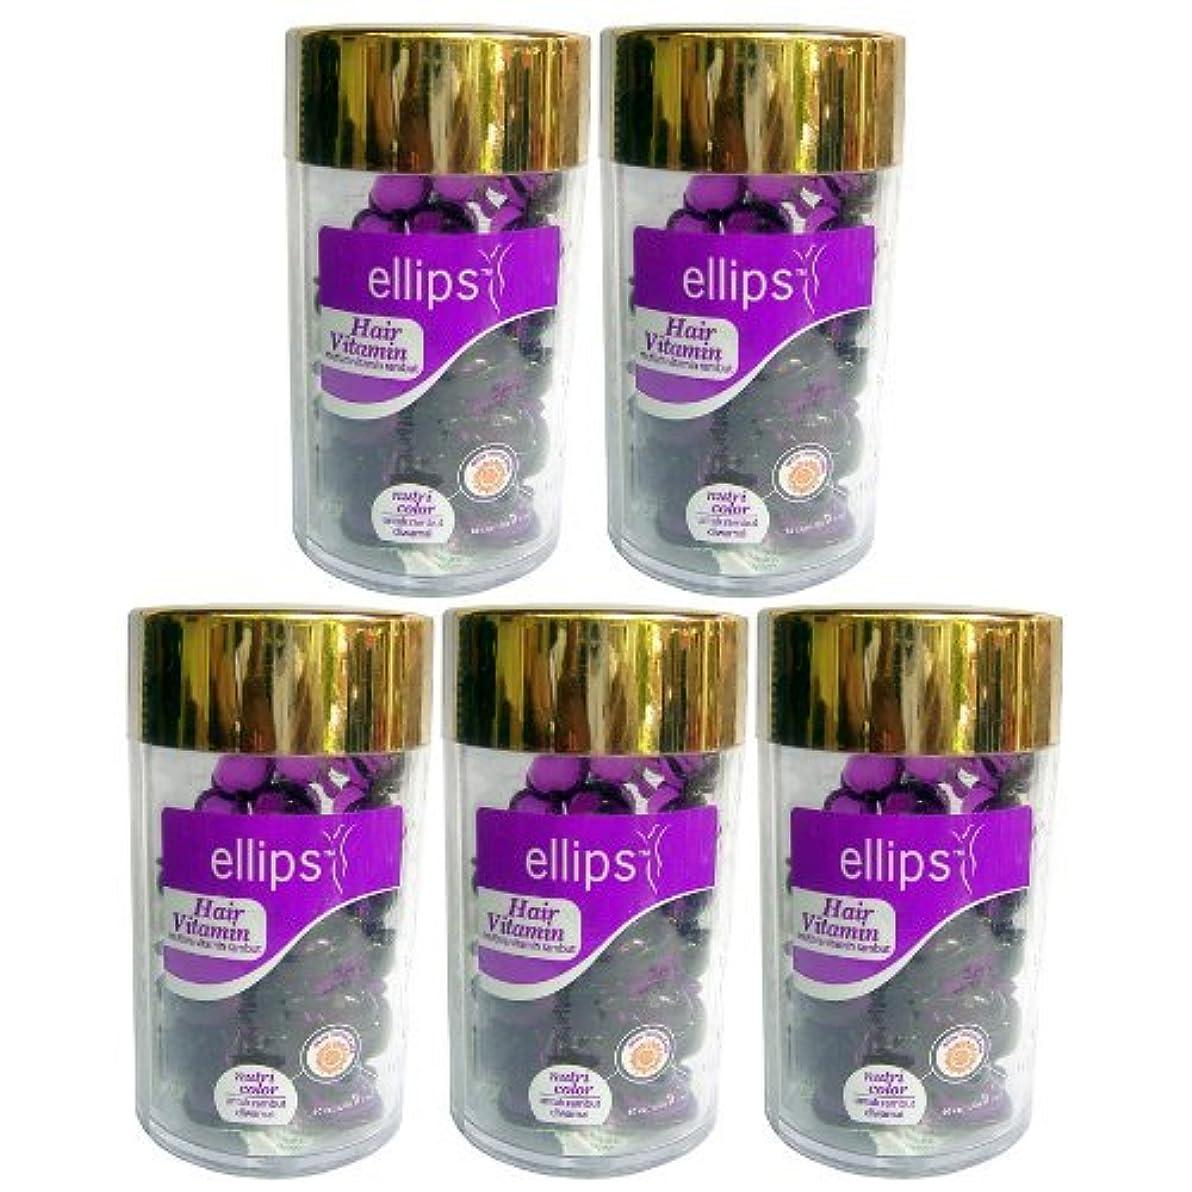 信頼性お勧め屋内Ellips(エリプス)ヘアビタミン(50粒入)5個セット [並行輸入品][海外直送品] パープル